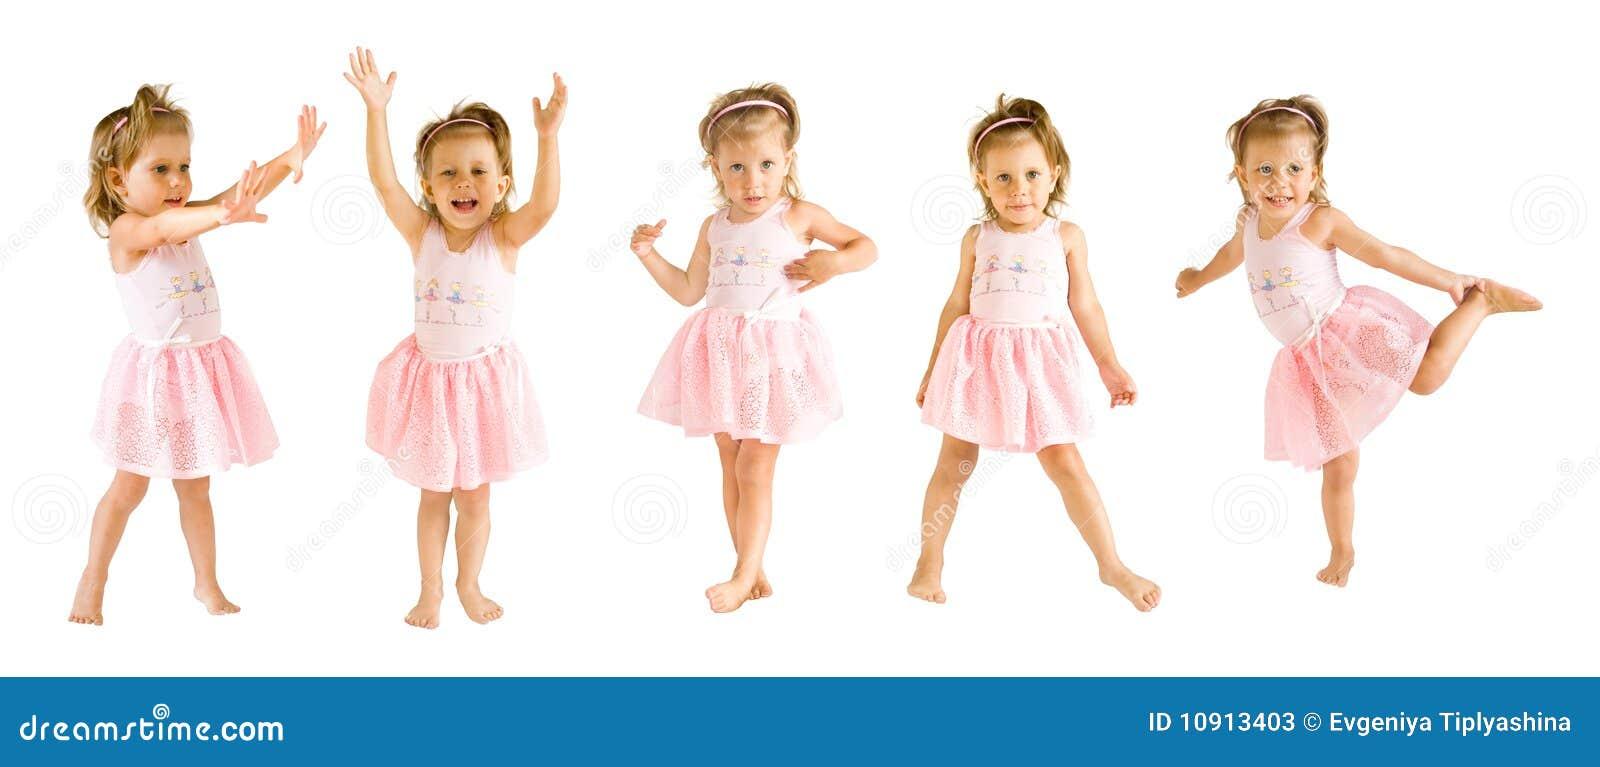 La bambina in un vestito della ballerina balla su una priorità bassa ...